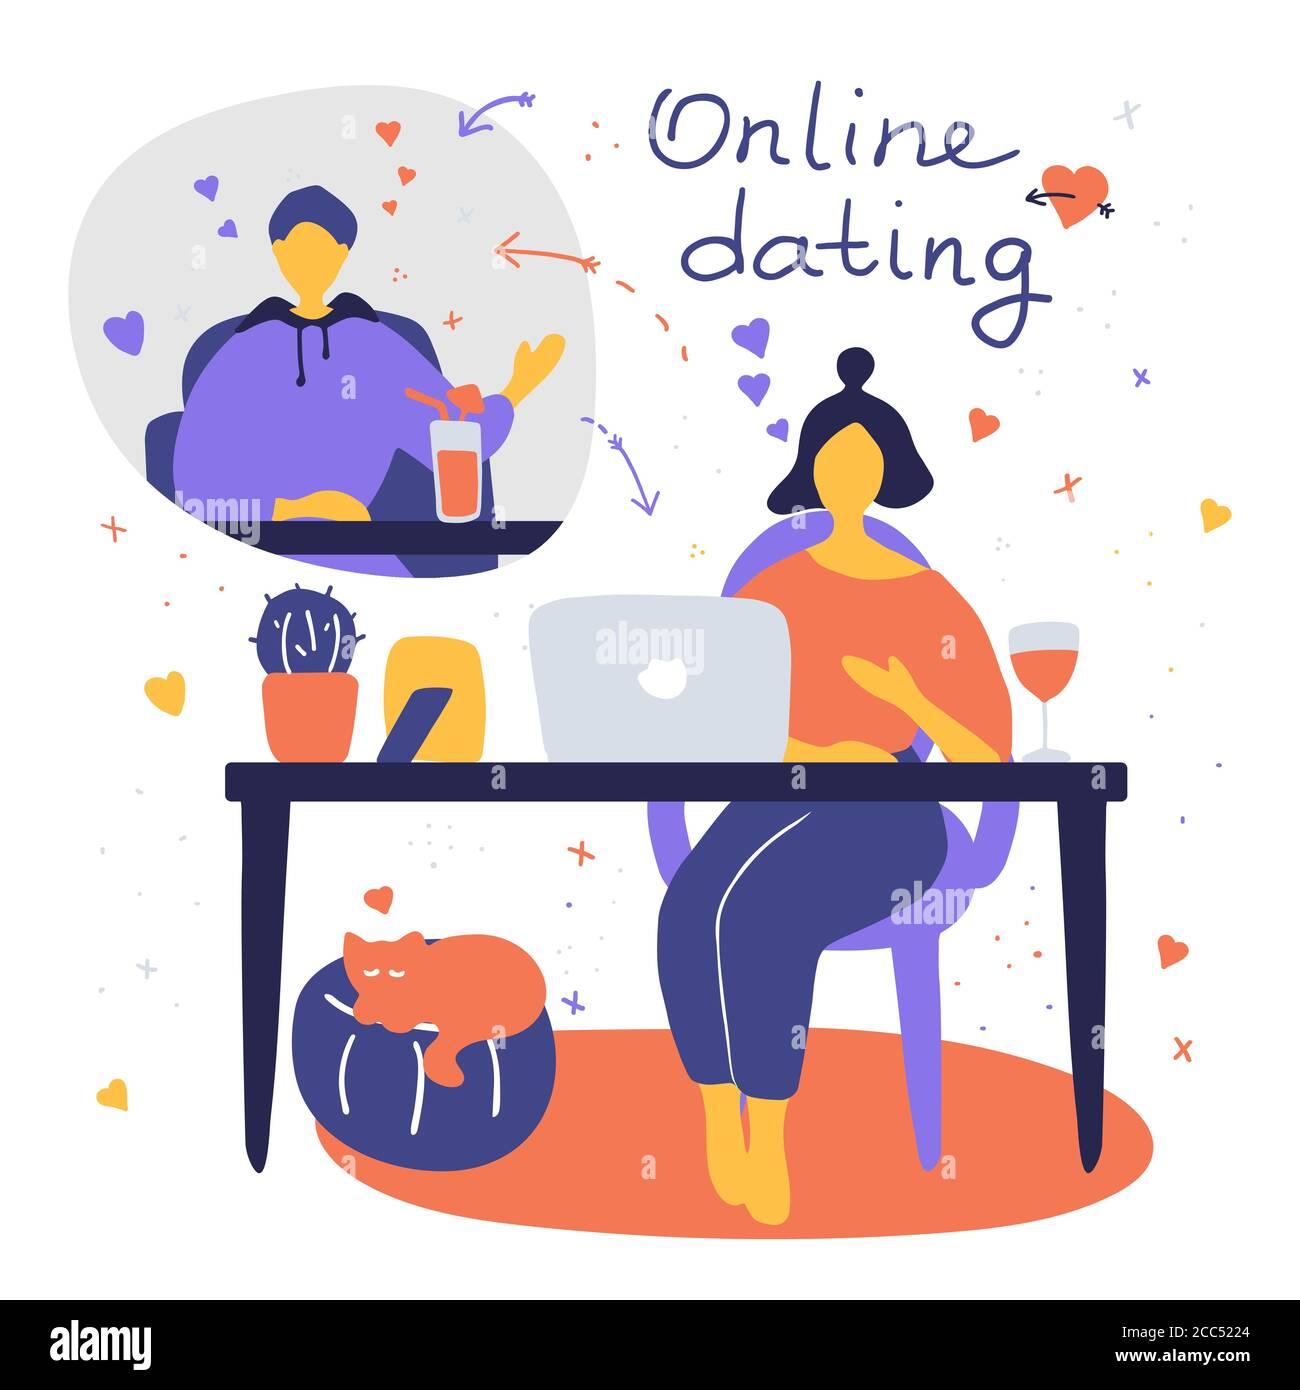 Pareja charlando en línea durante la pandemia. Hombre y mujer coqueteando en línea en el sitio de citas. Concepto de citas virtuales. Ilustración vectorial plana Ilustración del Vector